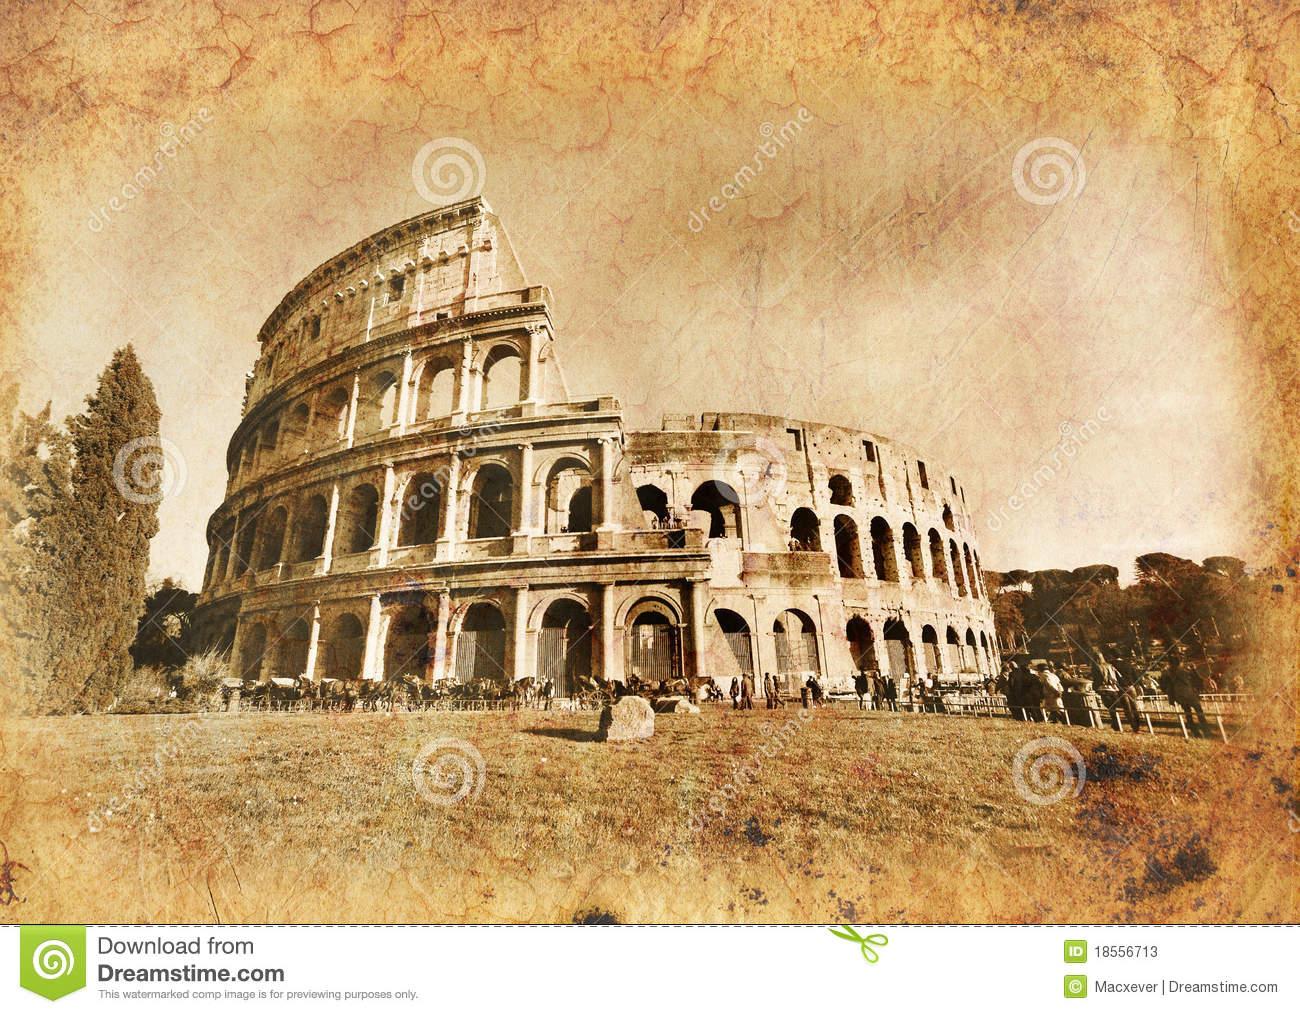 Guia de turismo brasileira em Roma e no Vaticano